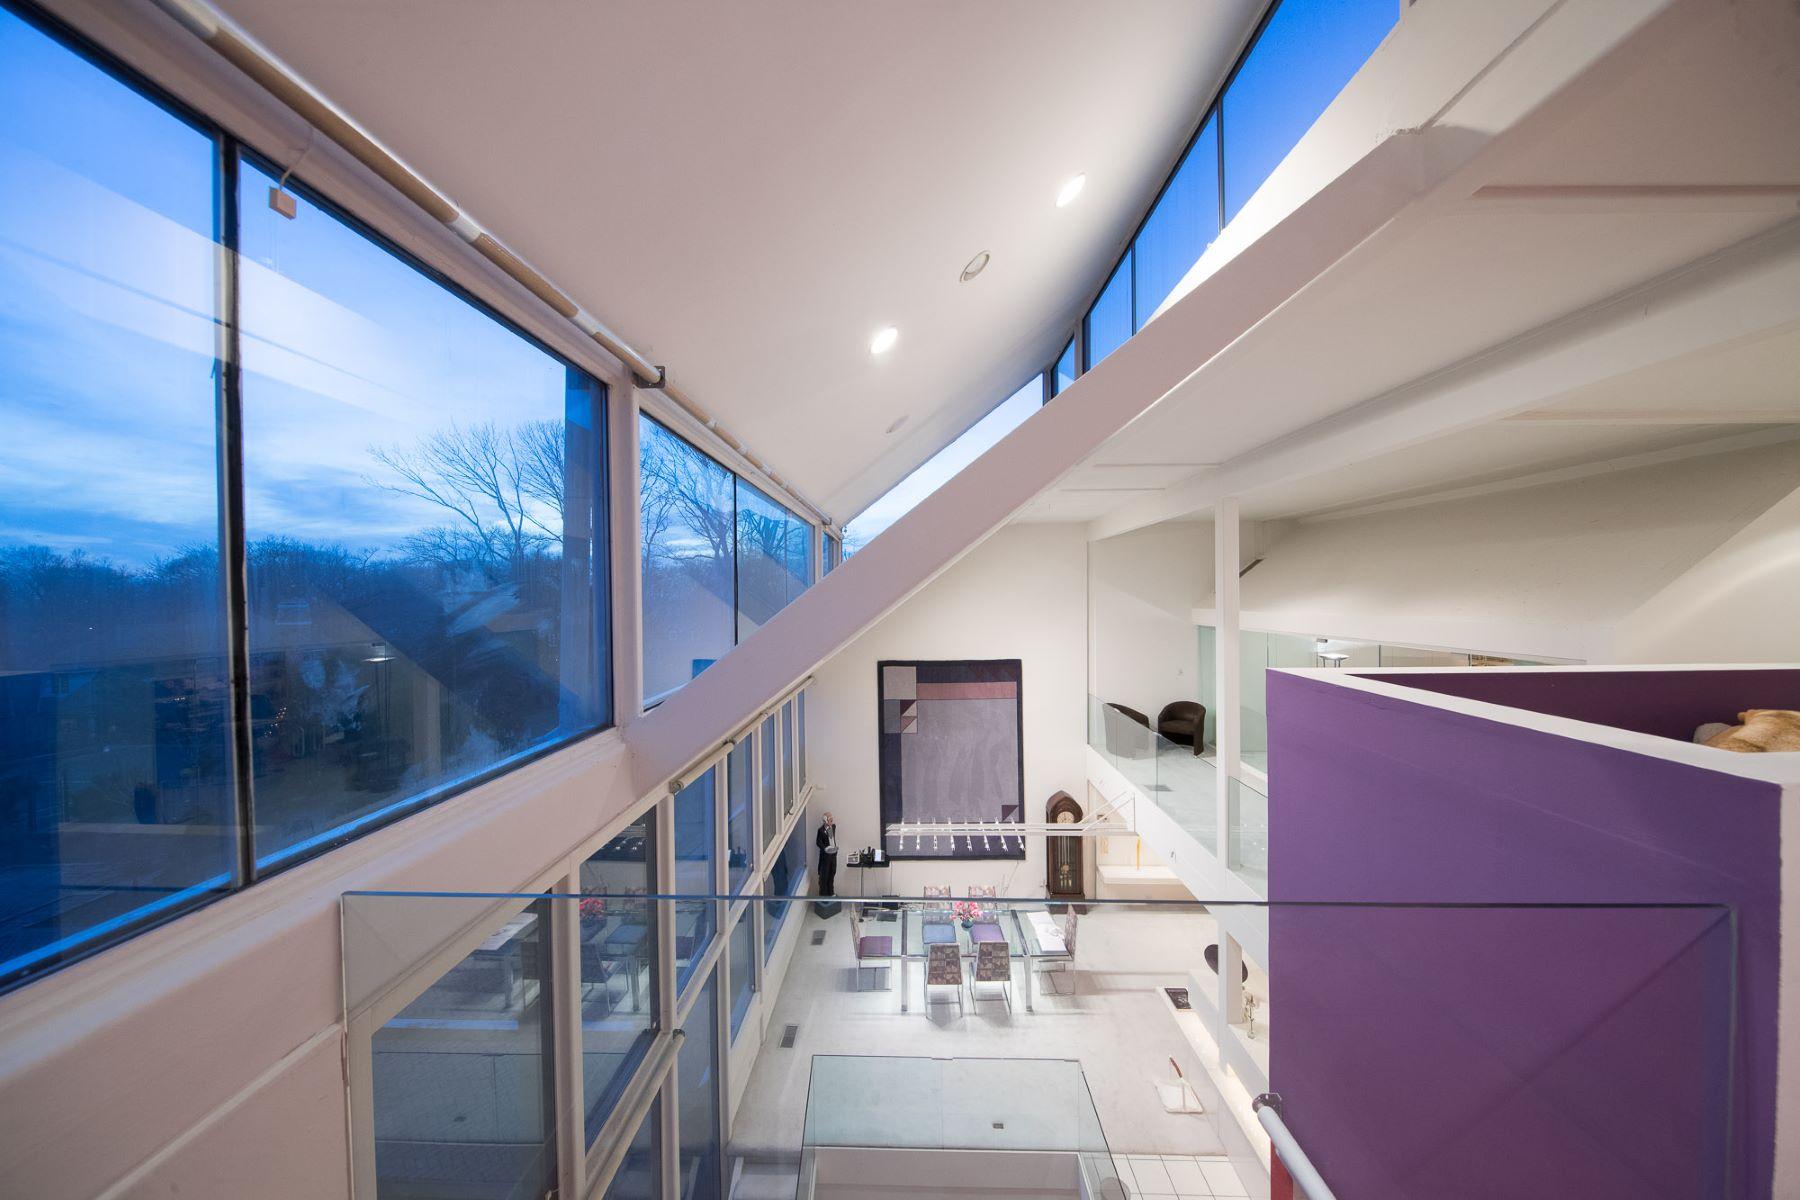 独户住宅 为 销售 在 Architectural Masterpiece 550 Illingworth Ave, 恩格尔伍德, 新泽西州 07631 美国